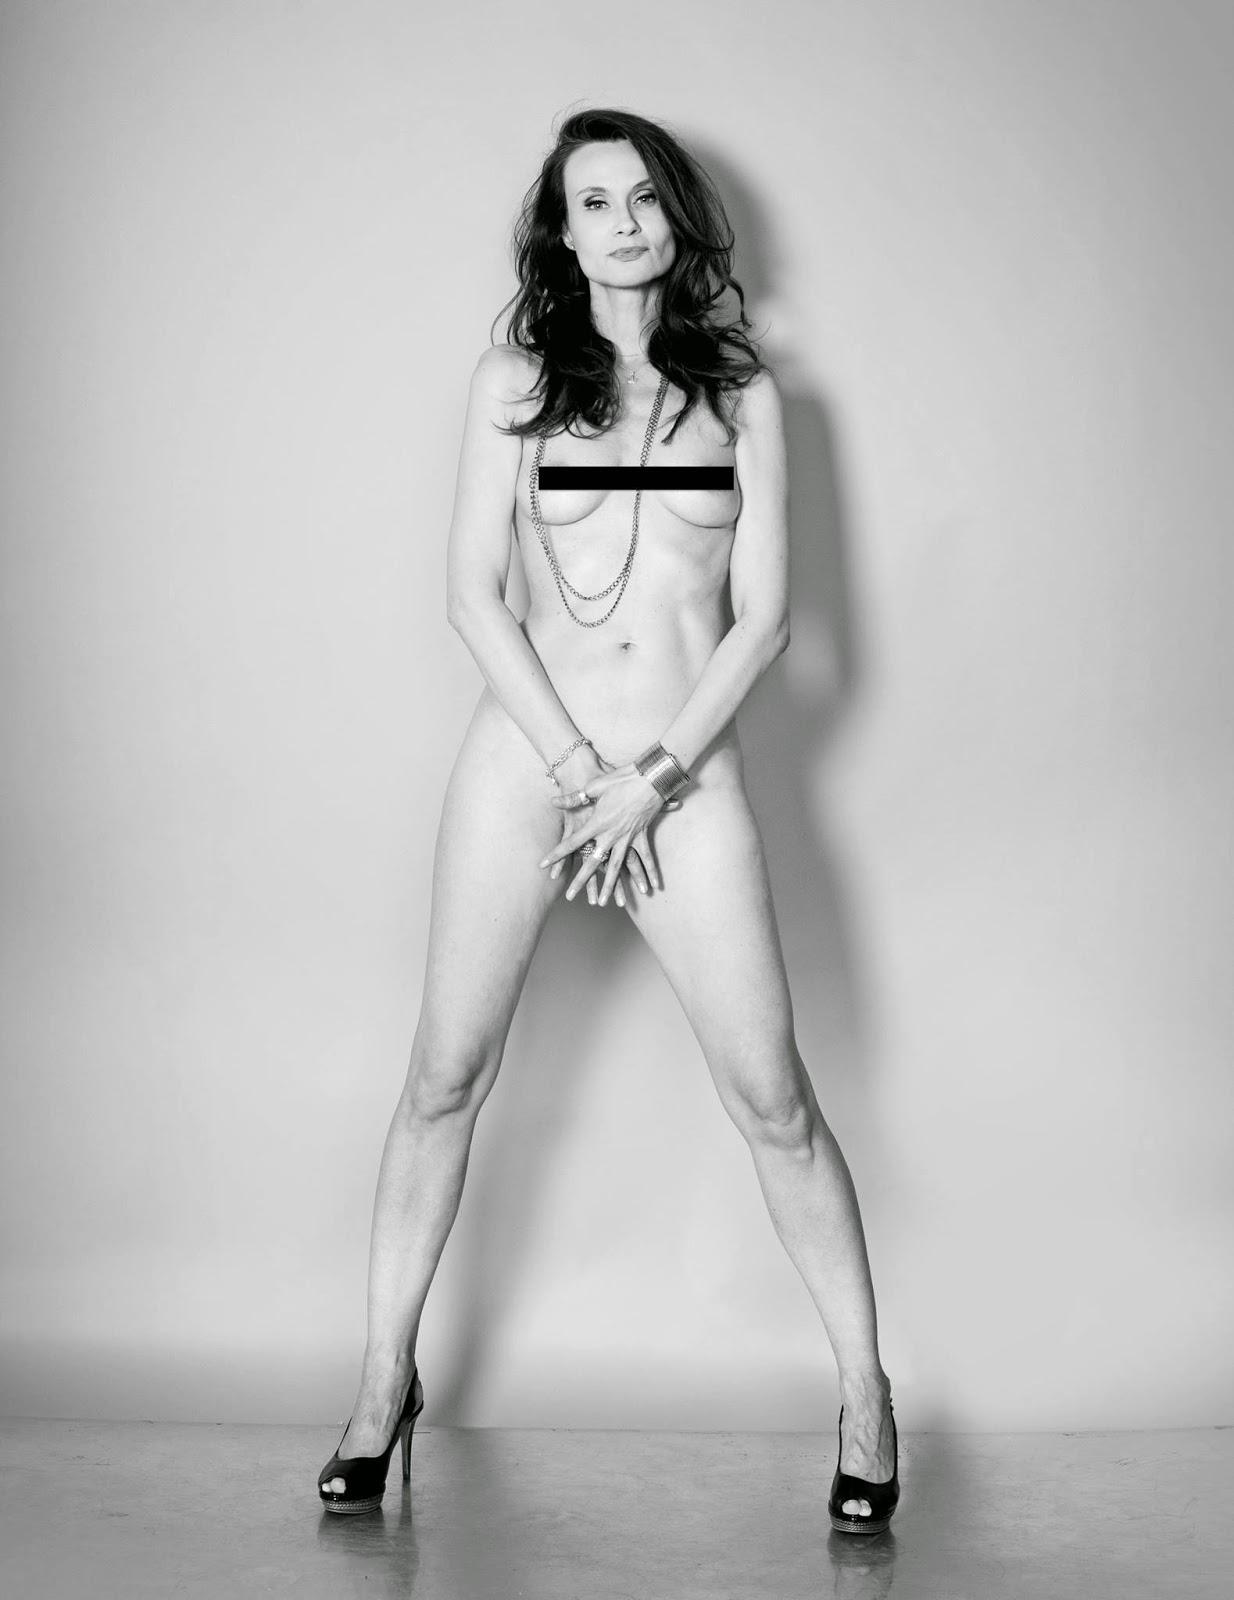 seksikäs alaston nainen naisseuraa miehille